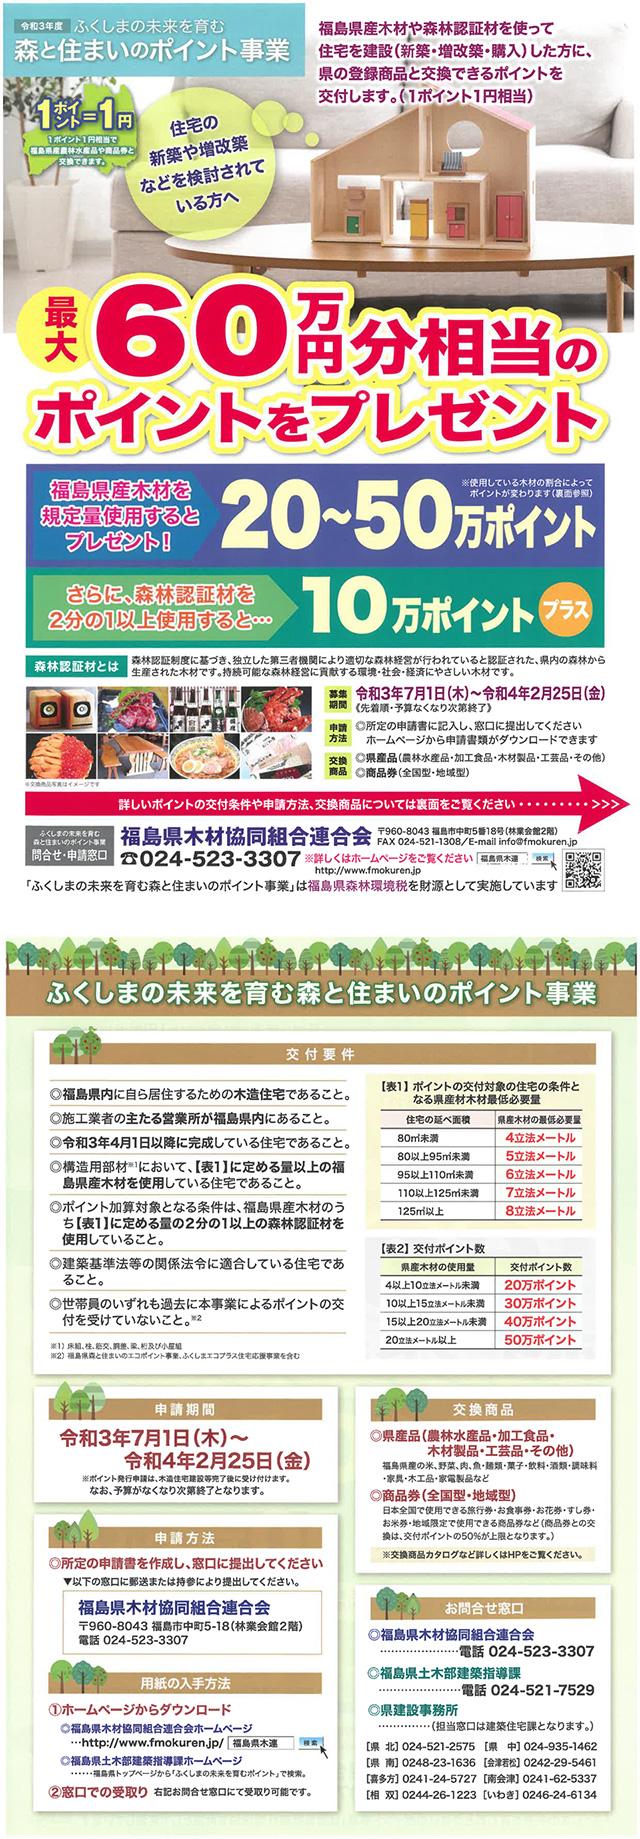 「ふくしまの未来を育む森と住まいのポイント事業」  有限会社木紅木【いわき市】 №032